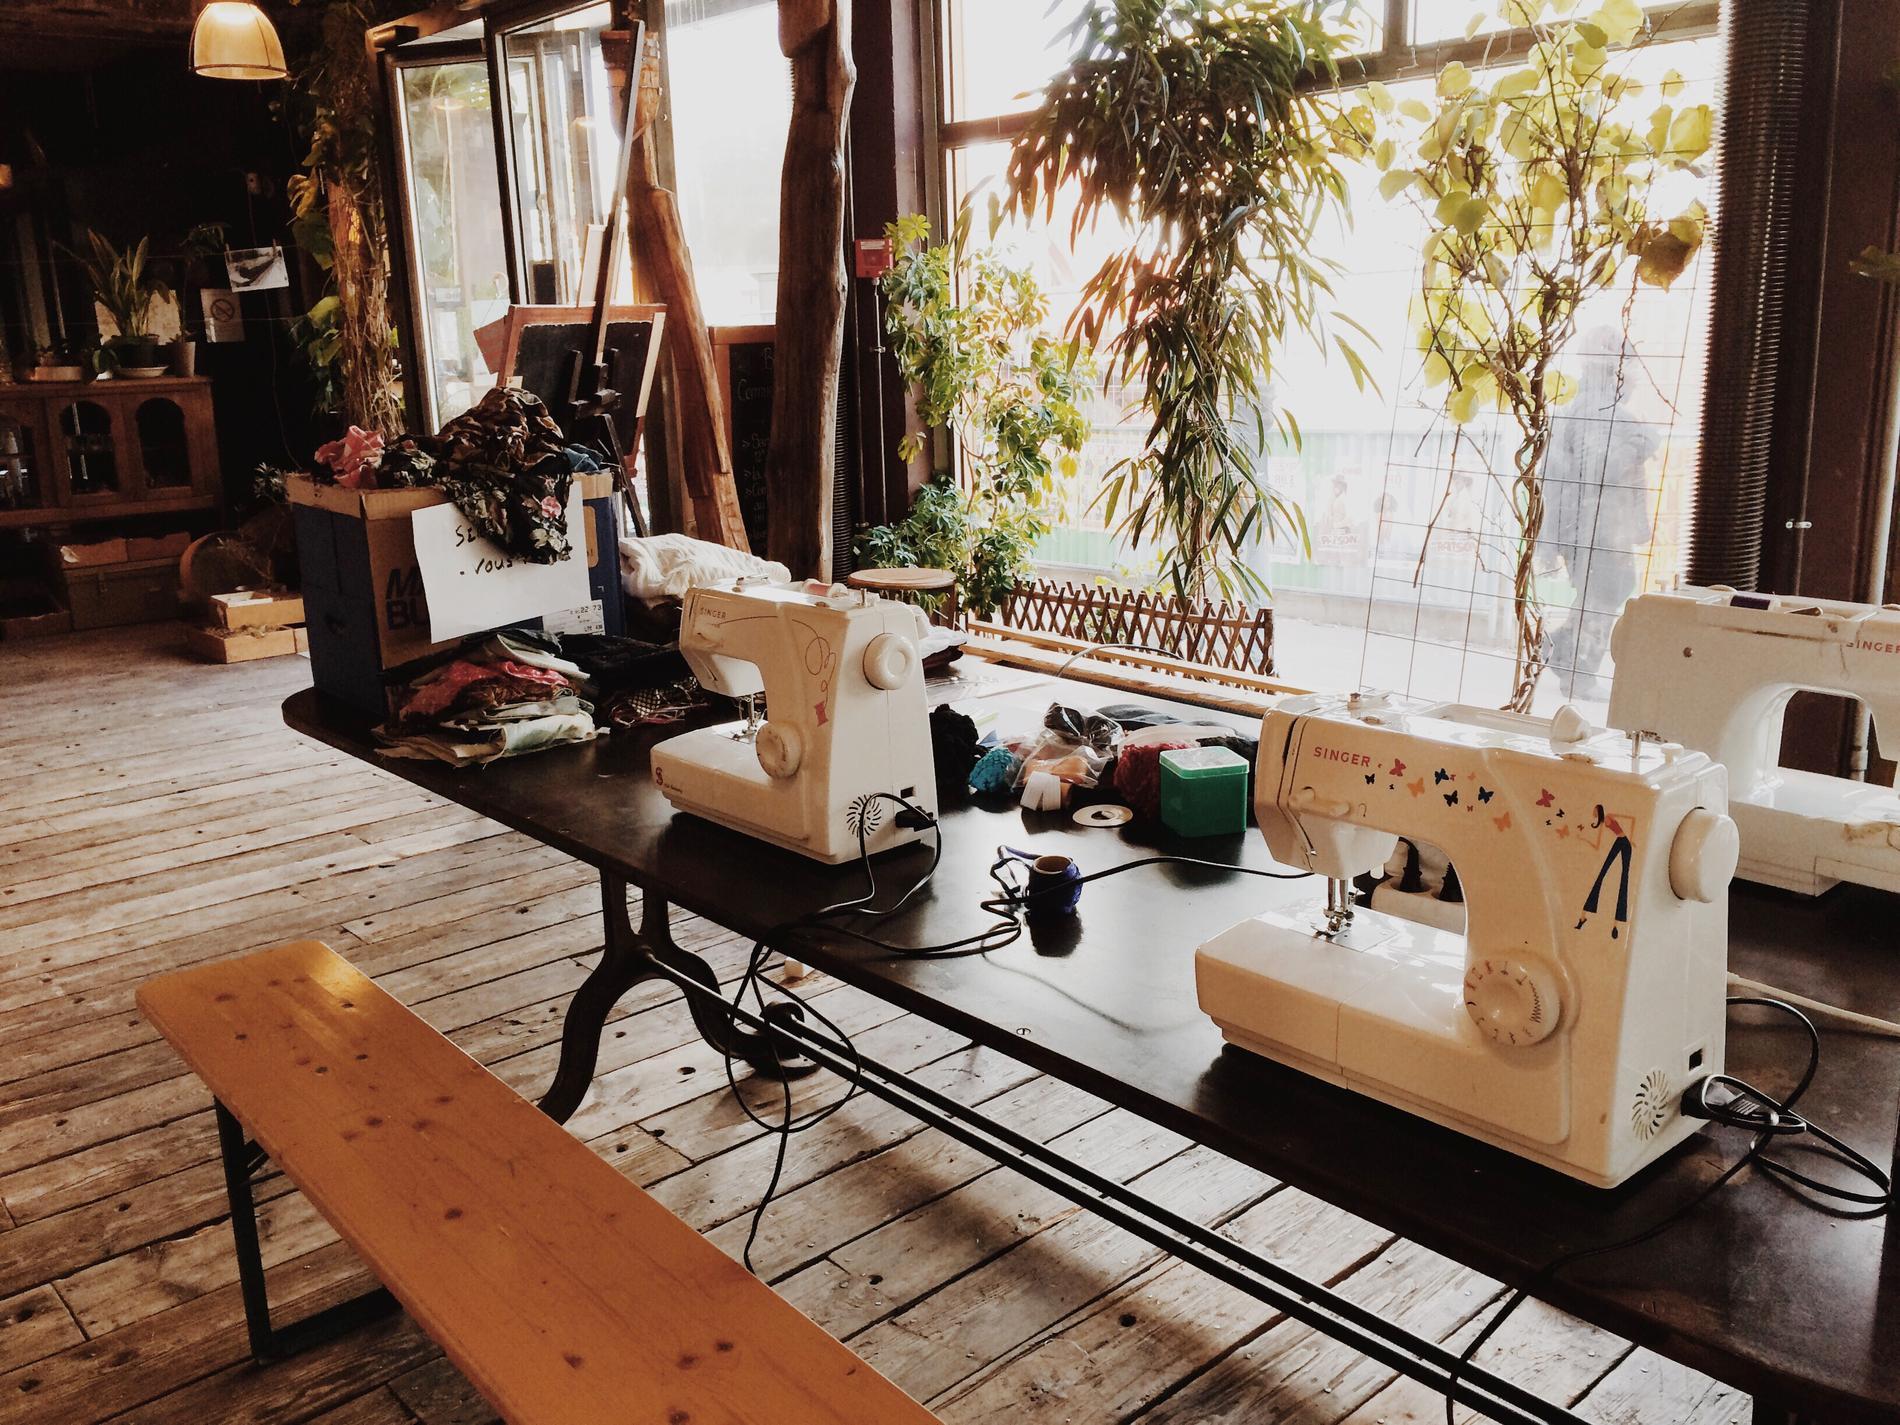 Atelier de couture singer